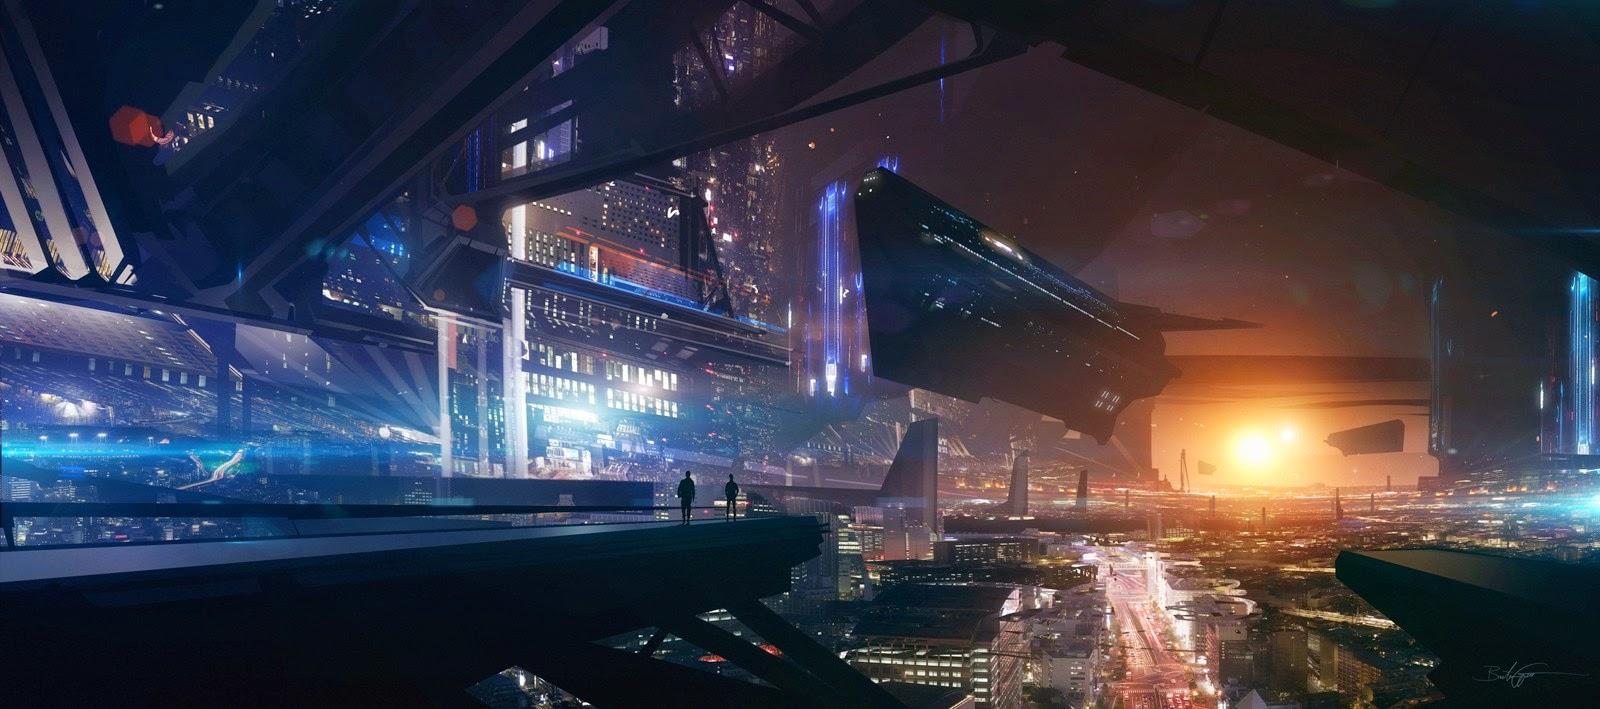 Papel de Parede Ficção Científica Cidade do Futuro para pc hd 3d grátis Sci Fi desktop hd wallpaper image free